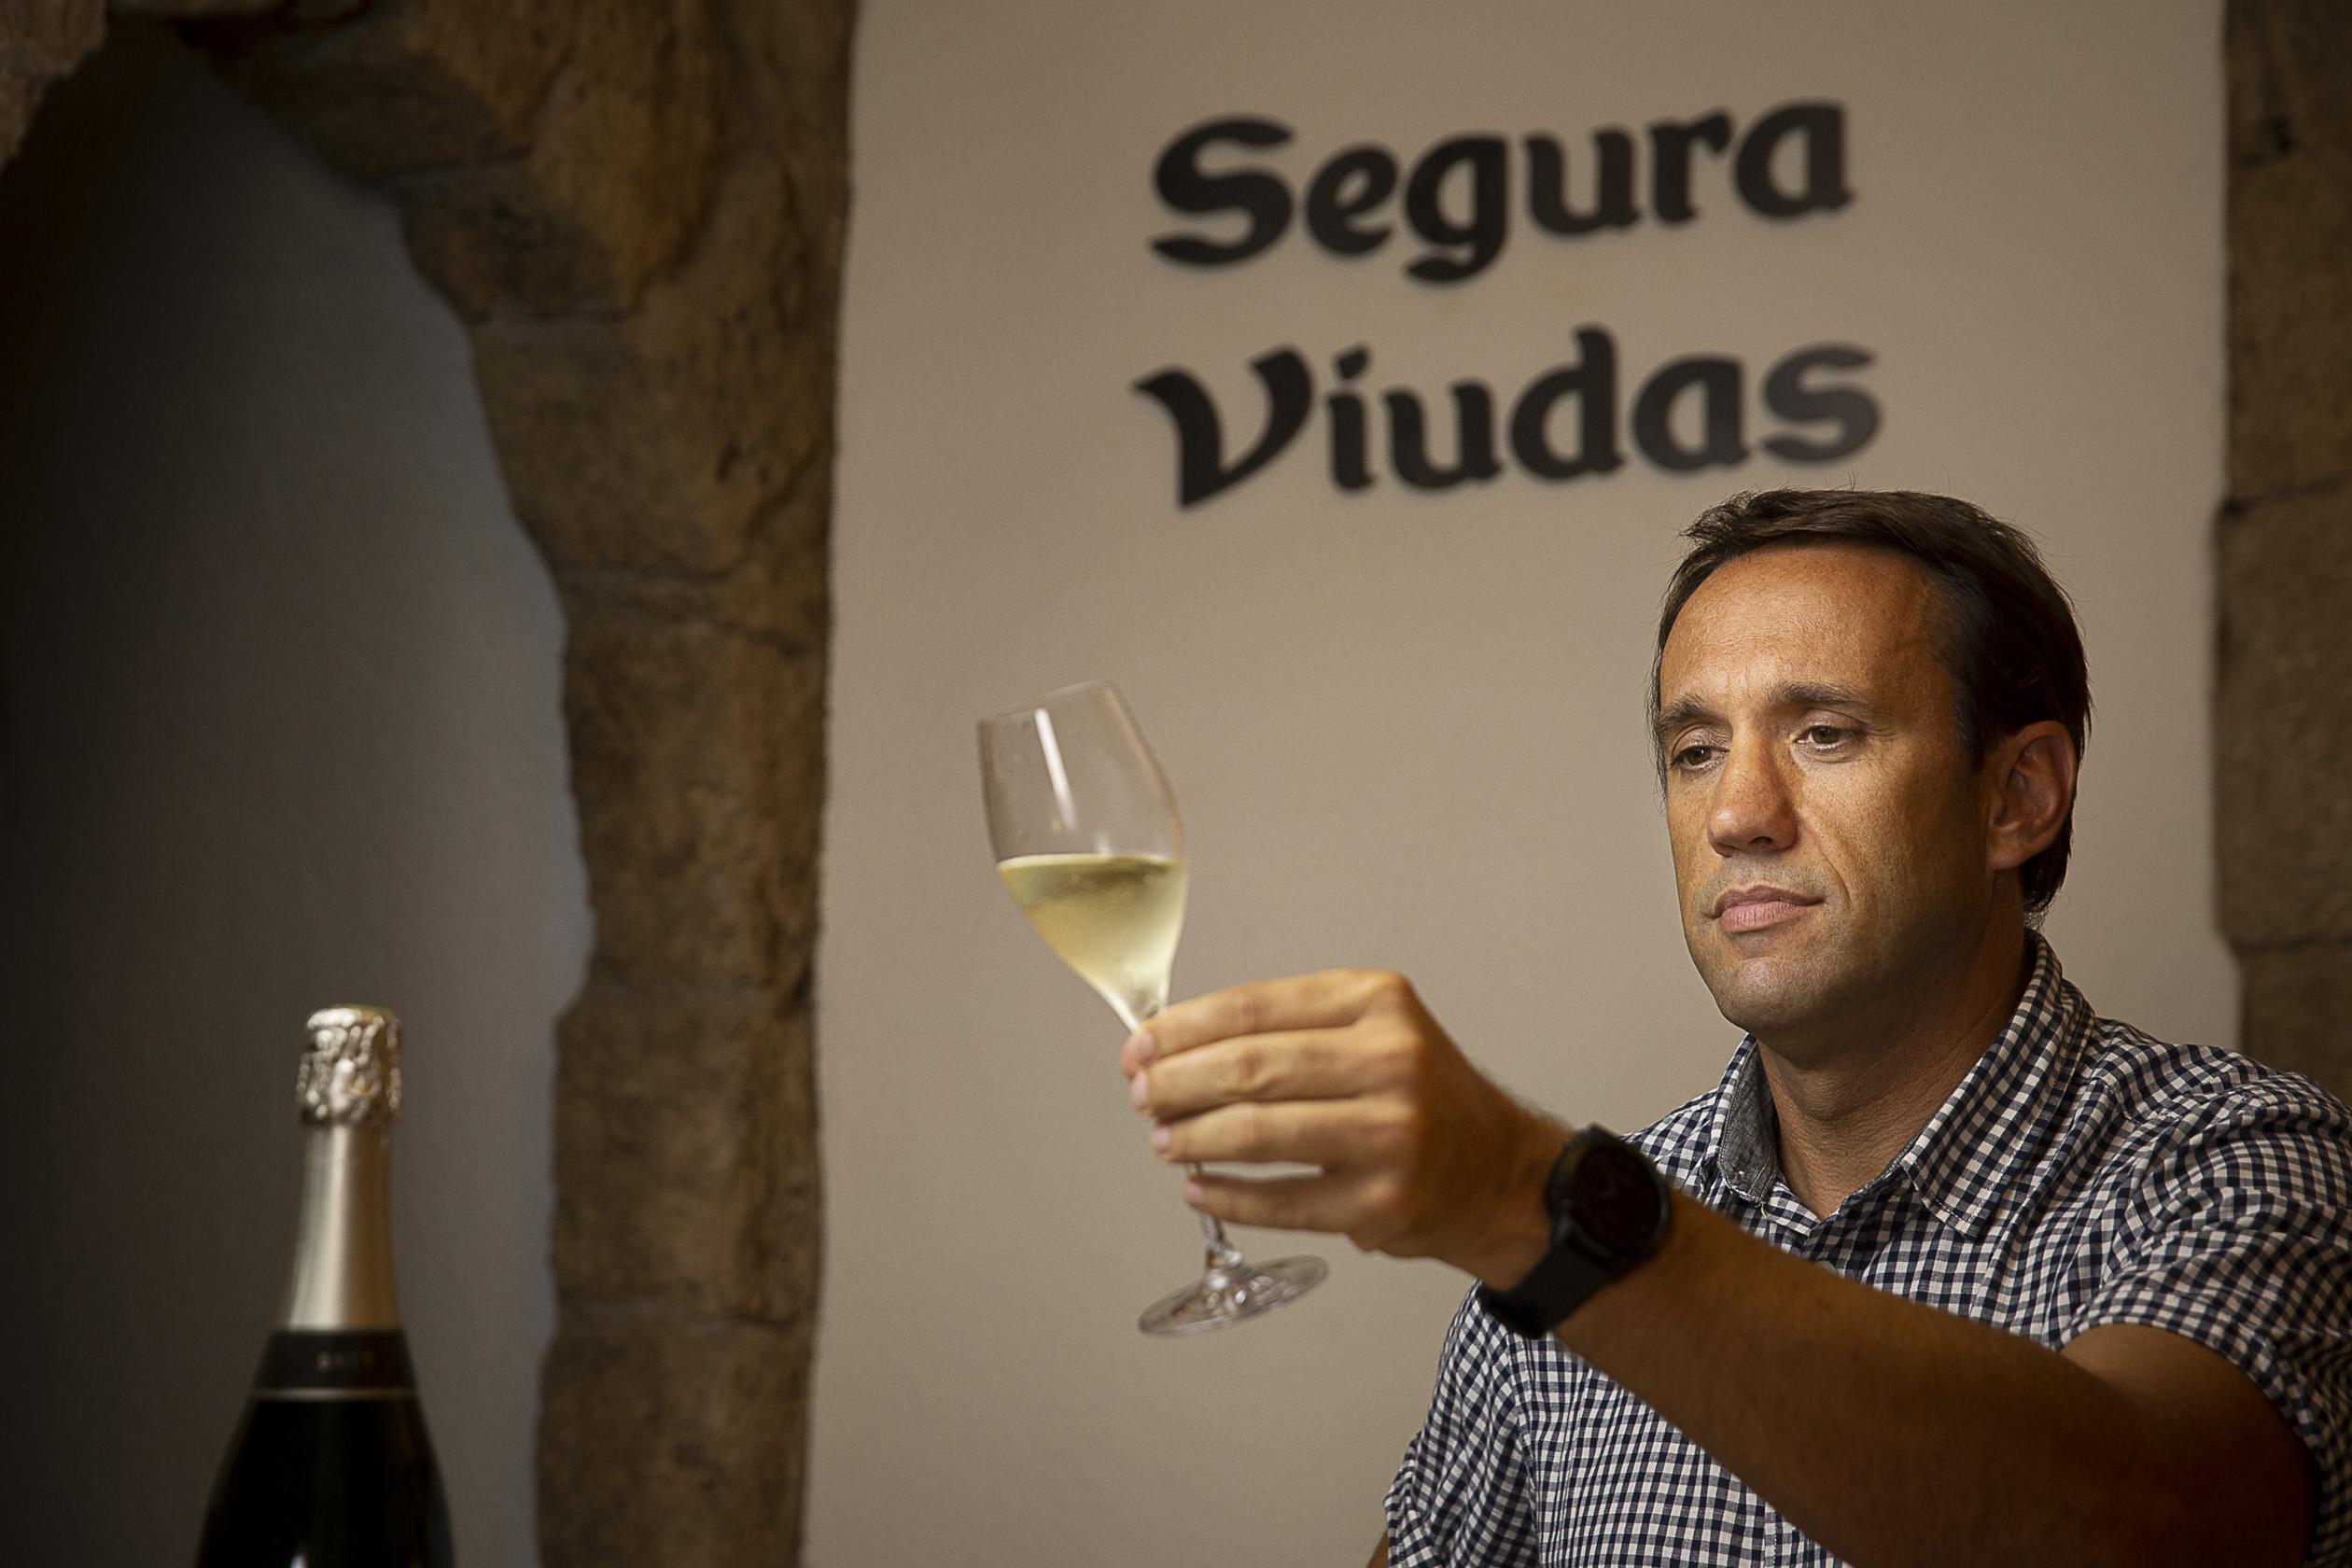 Director tècnic d'Heretat Segura Viudas | Foto: Jordi Play